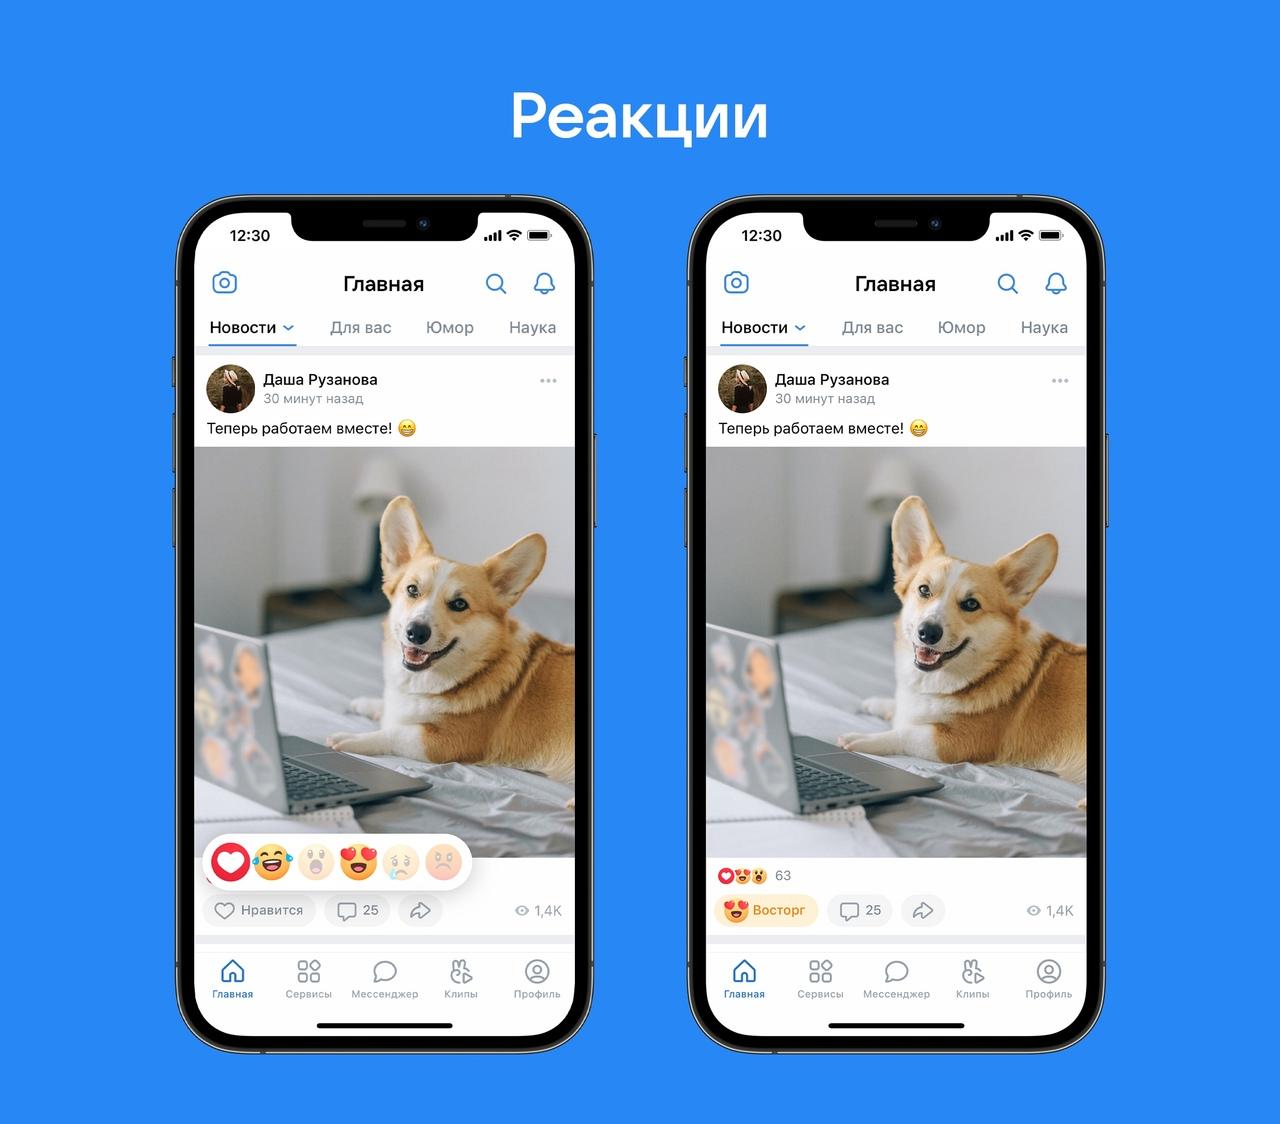 «ВКонтакте» появились реакции, которые можно проявлять к постам